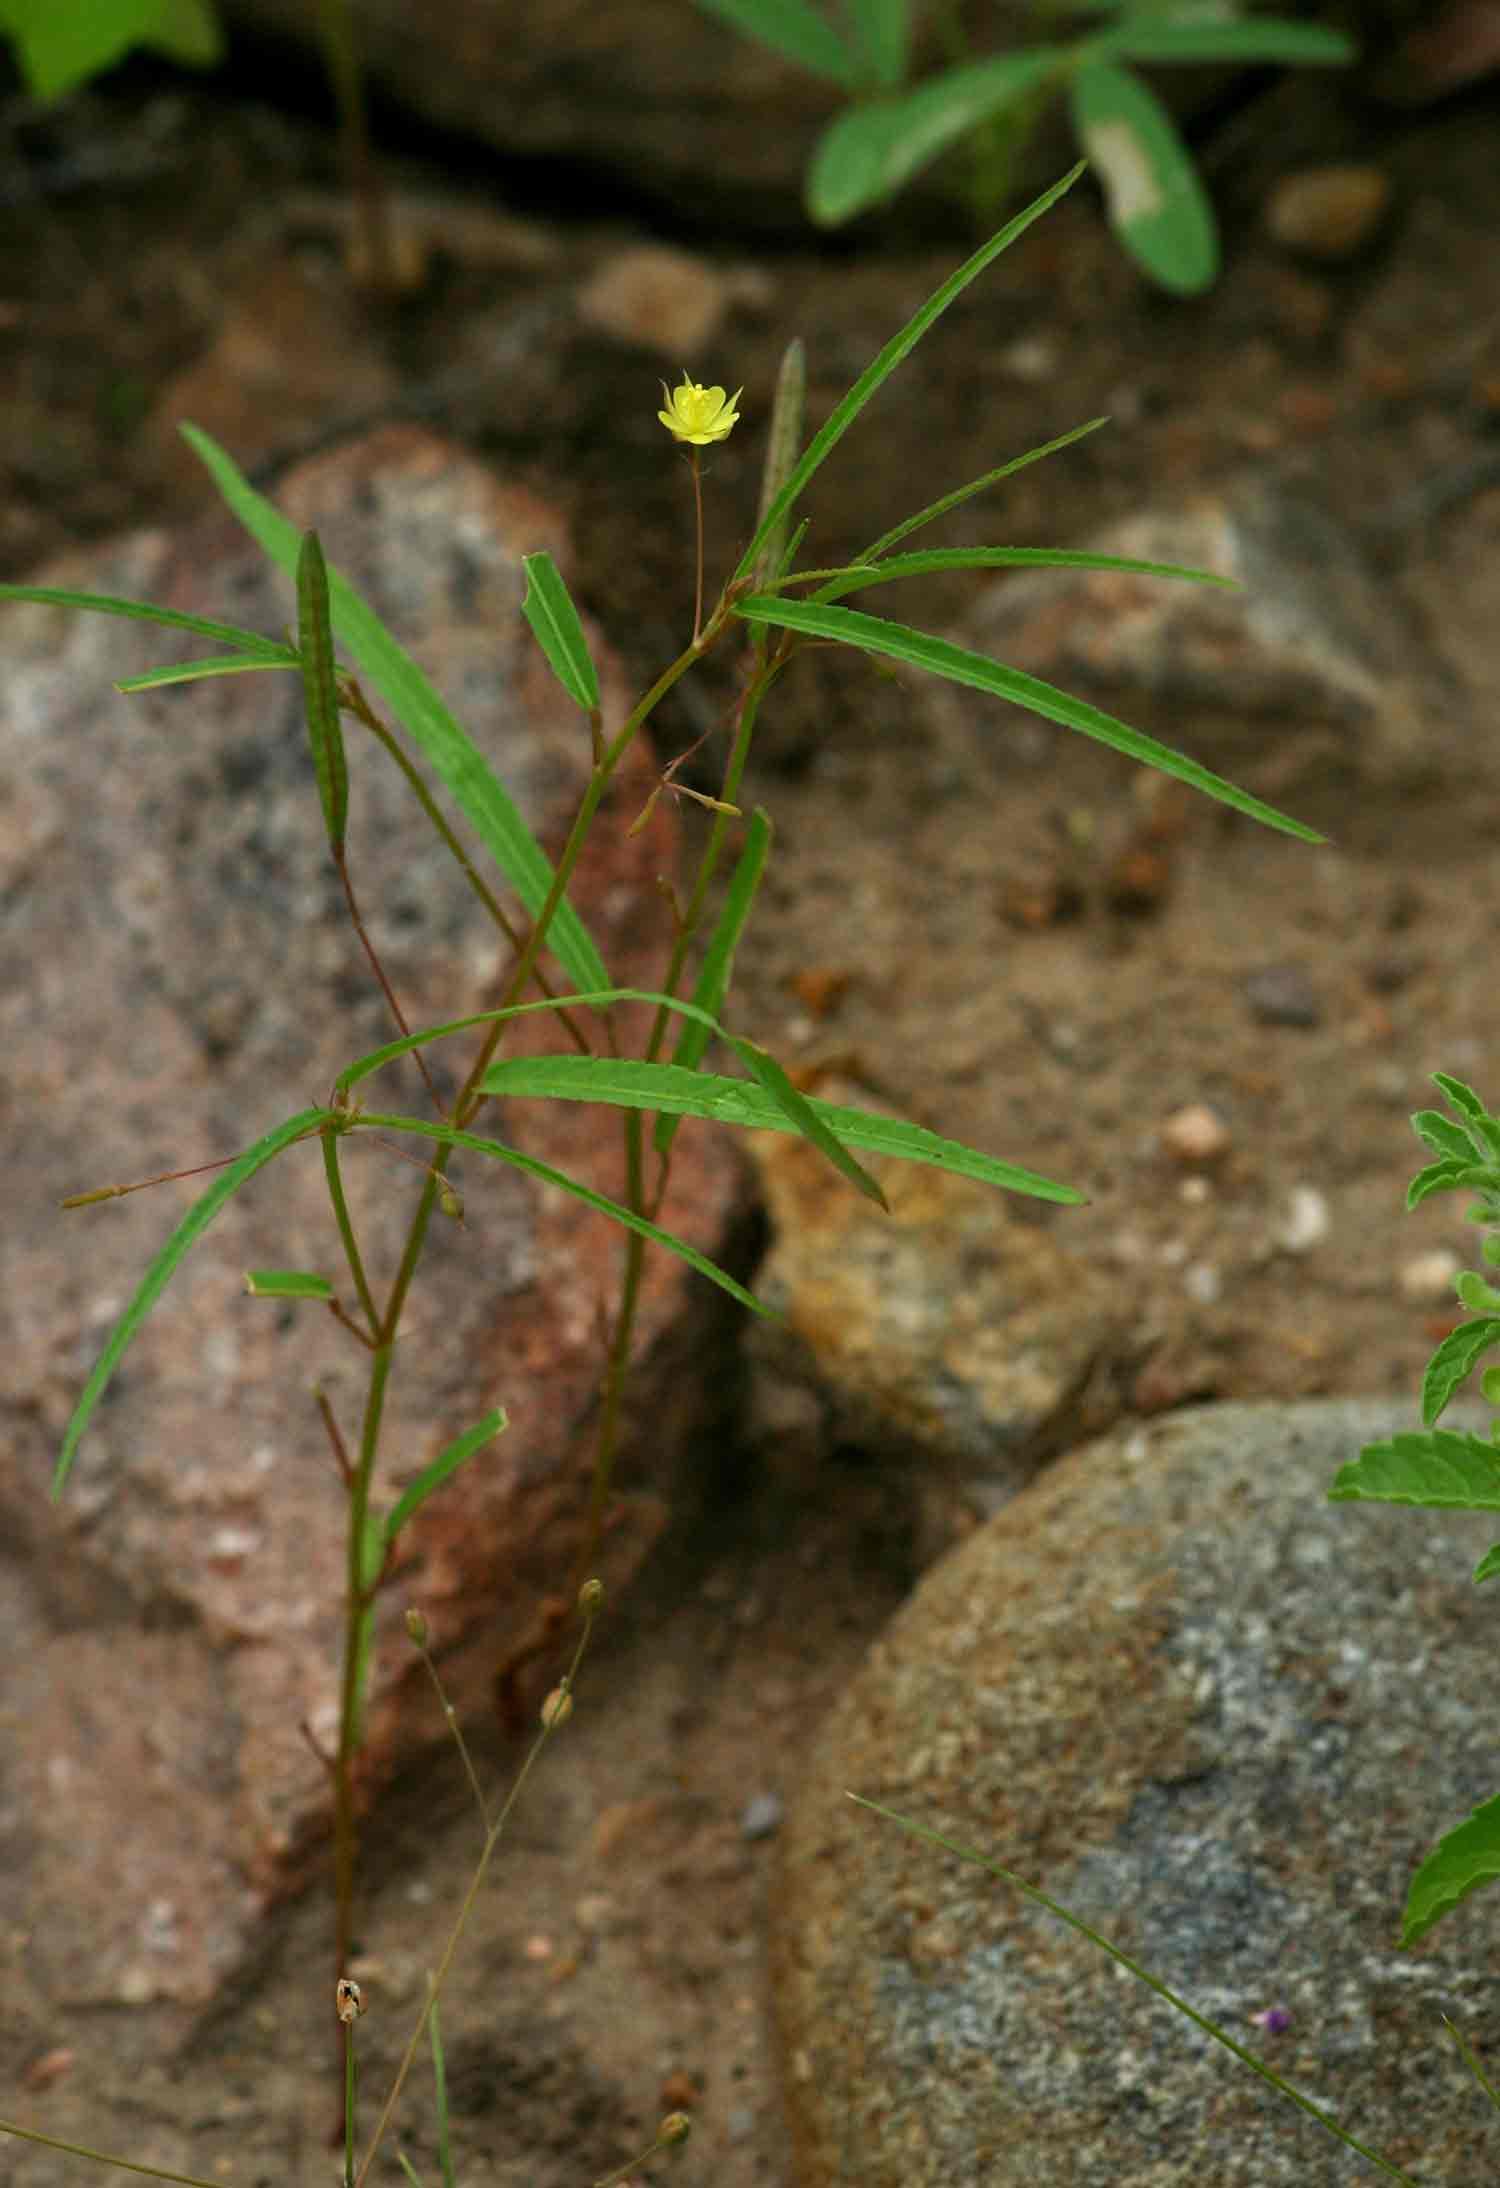 Corchorus longipedunculatus